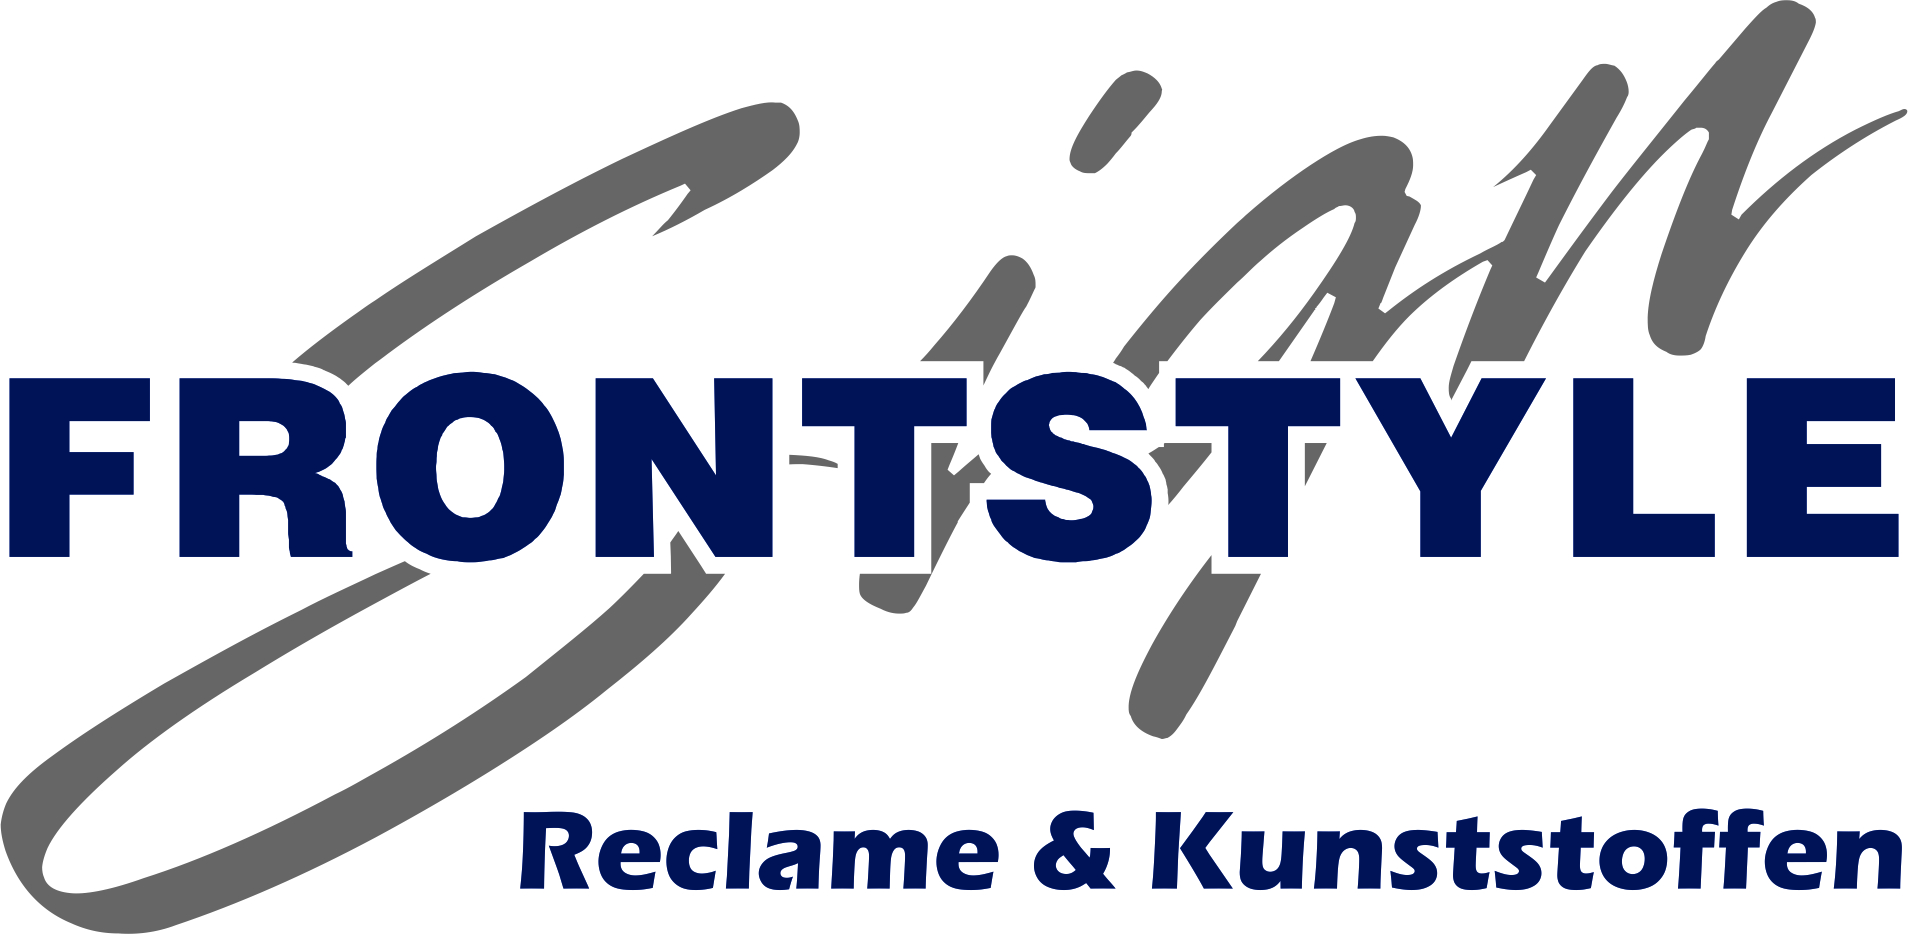 Frontstyle Reclame & Kunststoffen